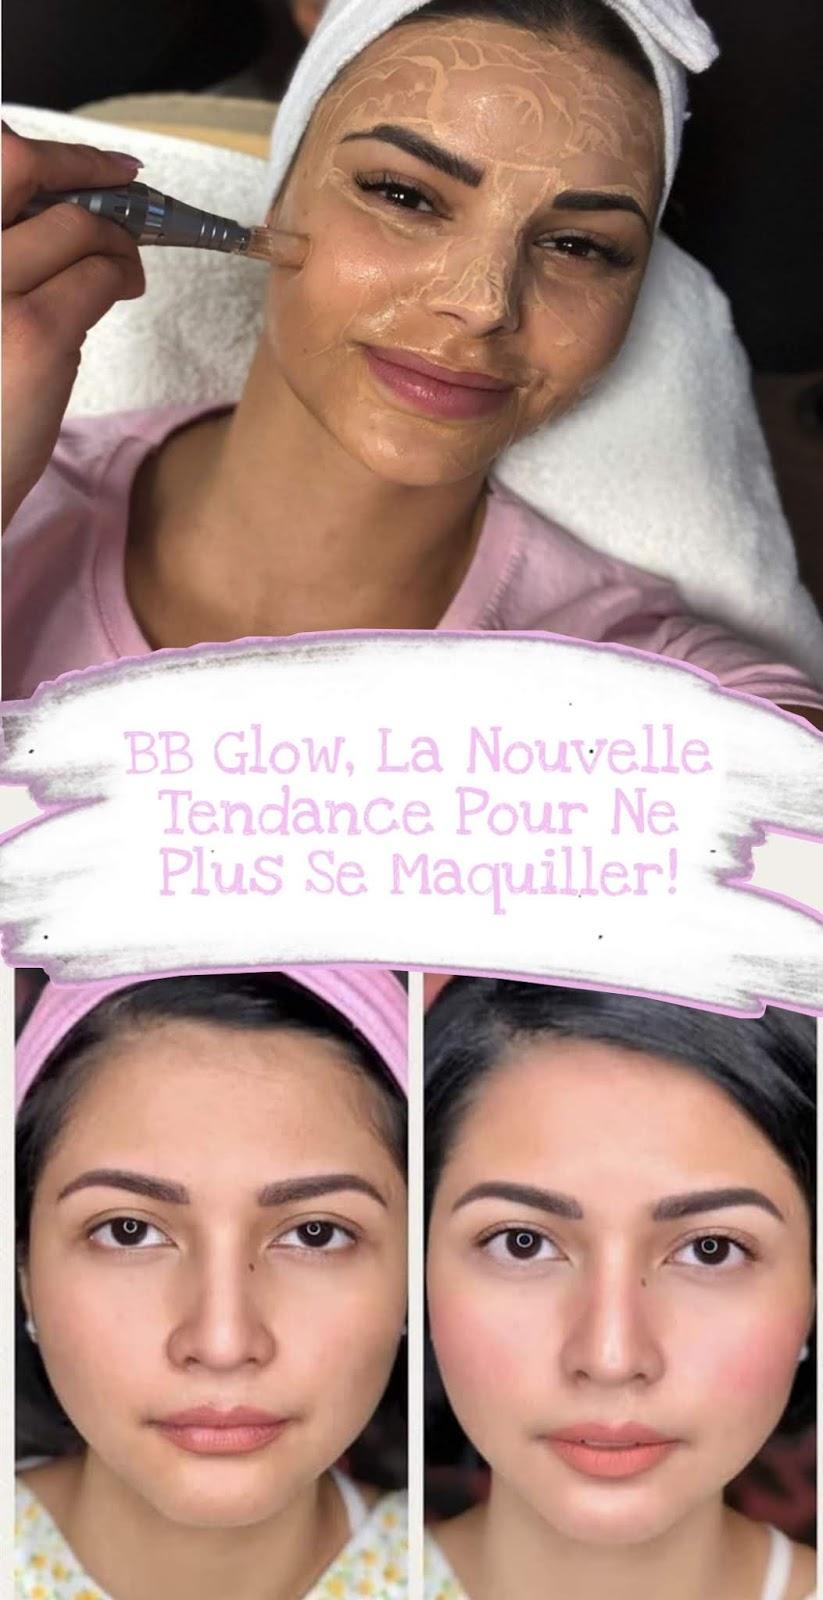 BB Glow, La Nouvelle Tendance Pour Ne Plus Se Maquiller!